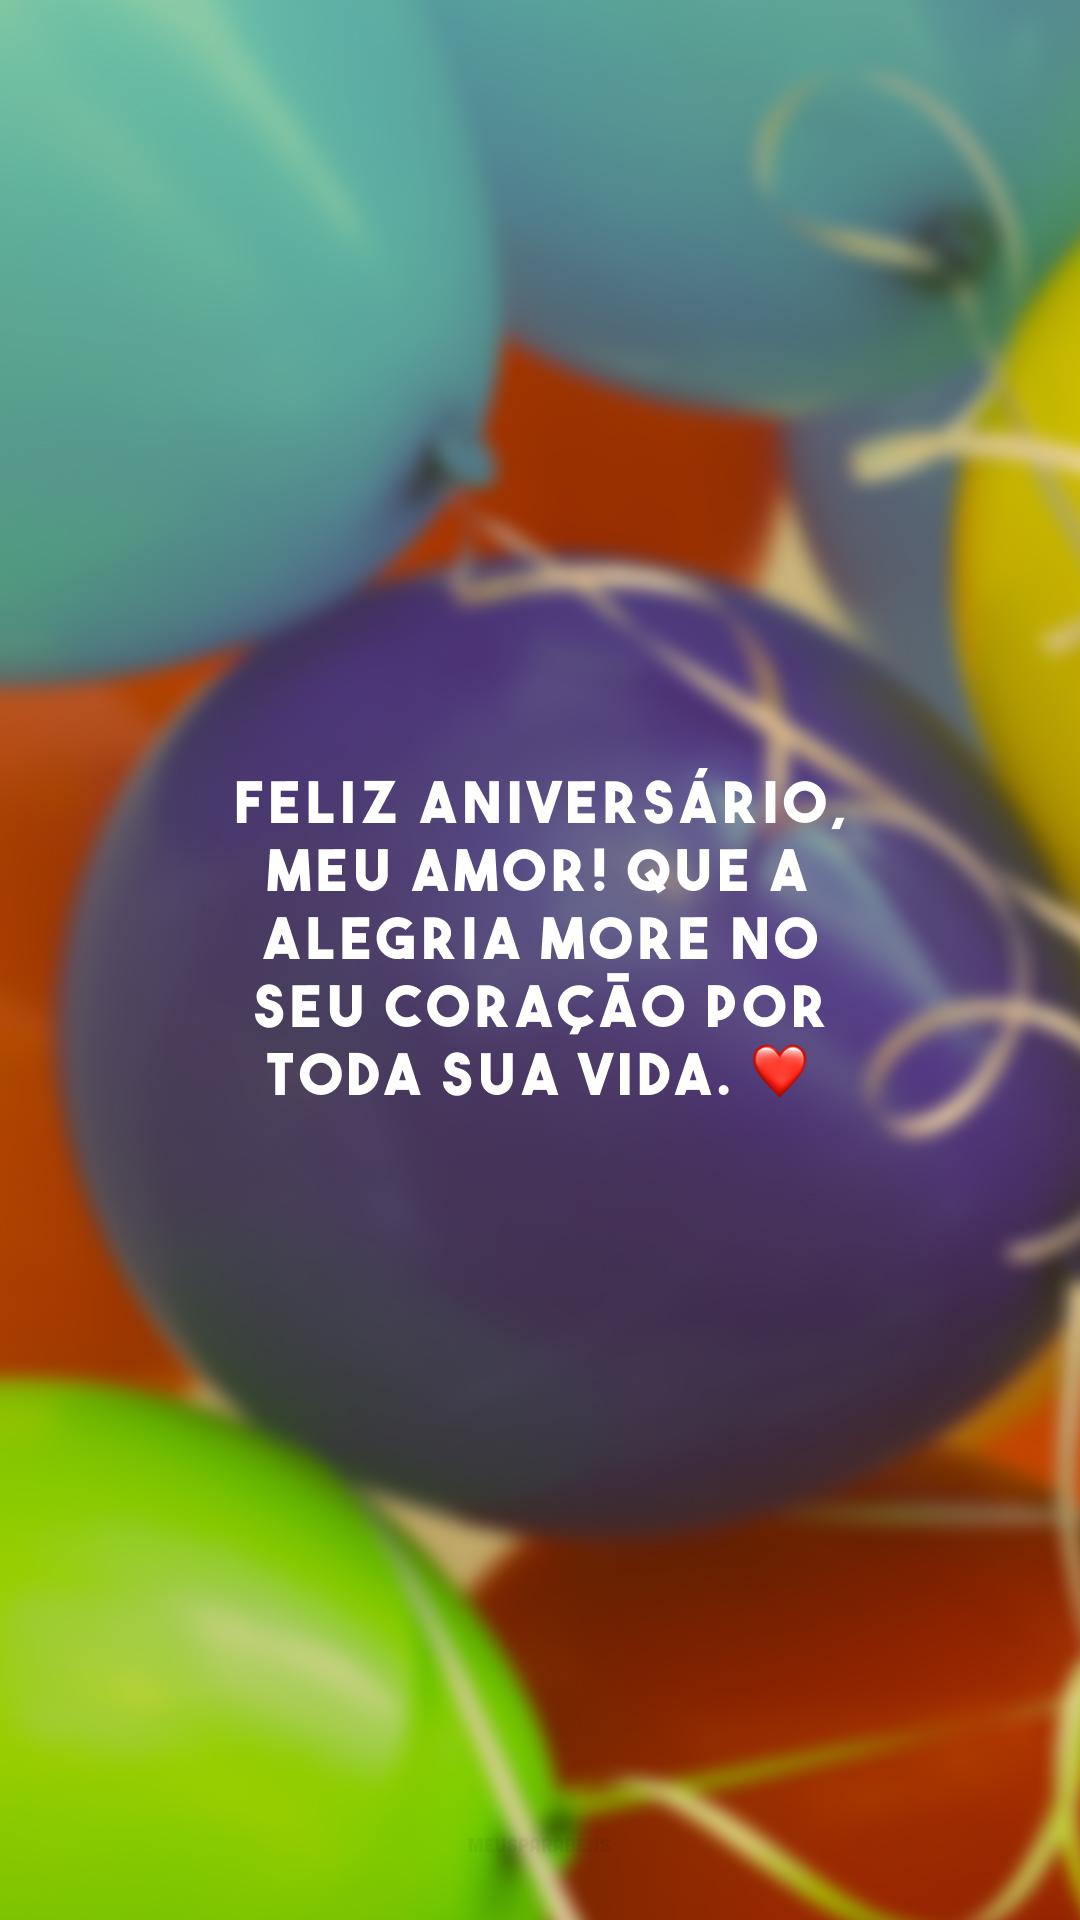 Feliz aniversário, meu amor! Que a alegria more no seu coração por toda sua vida. ❤️